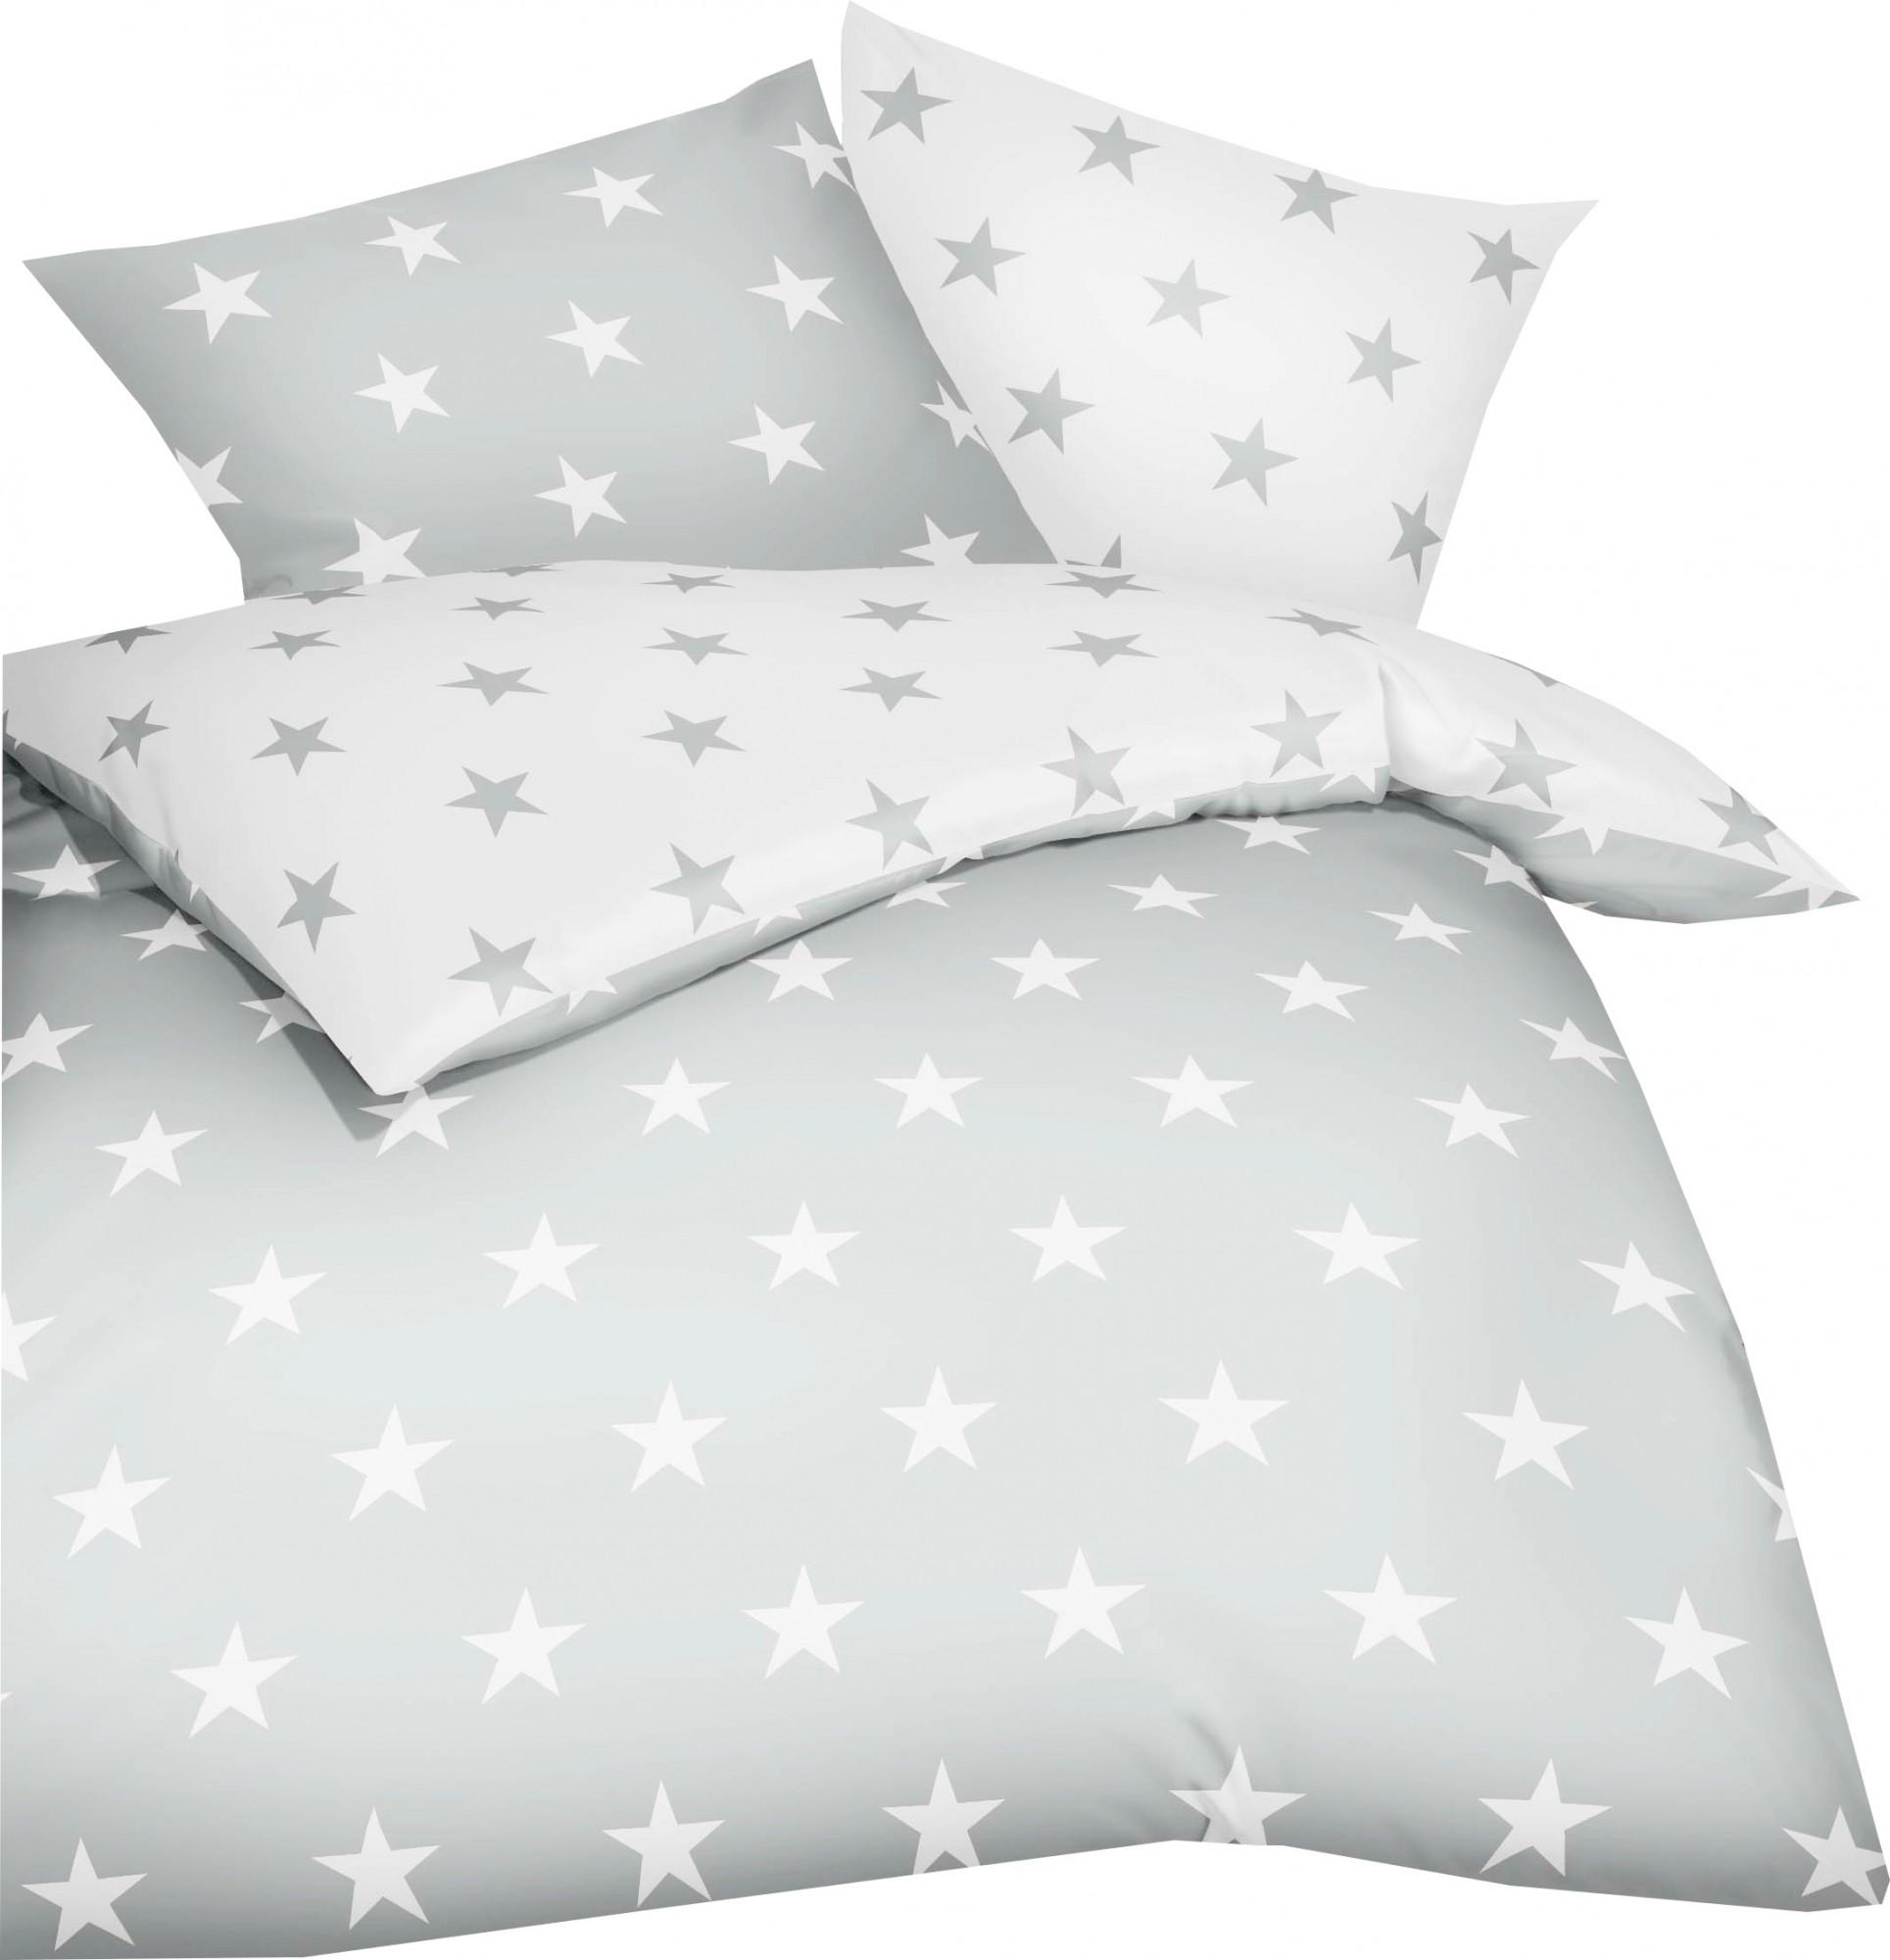 Kaeppel Mako Satin Bettwäsche Essential Stars Größe 135x20080x80 Cm